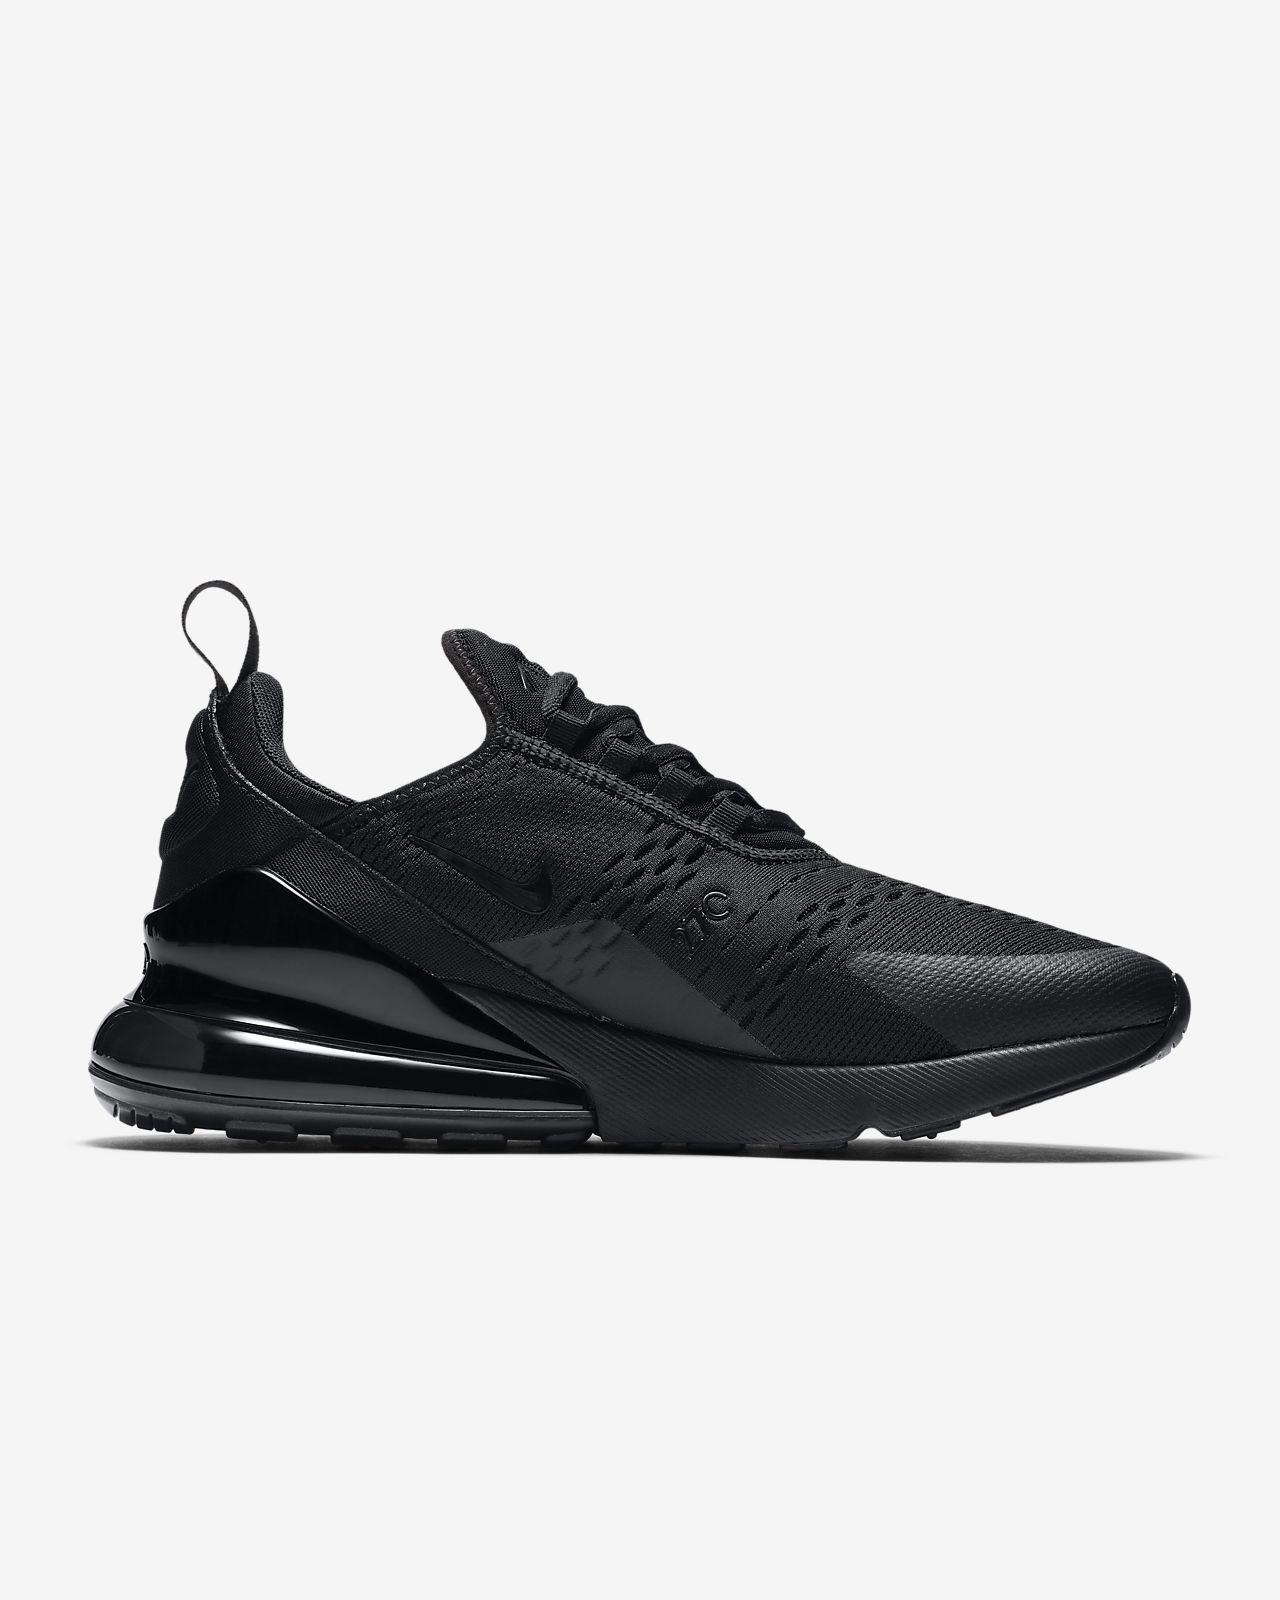 Bequeme Nike Revolution 3 Low Schuhe Herren BlauGelb Nein